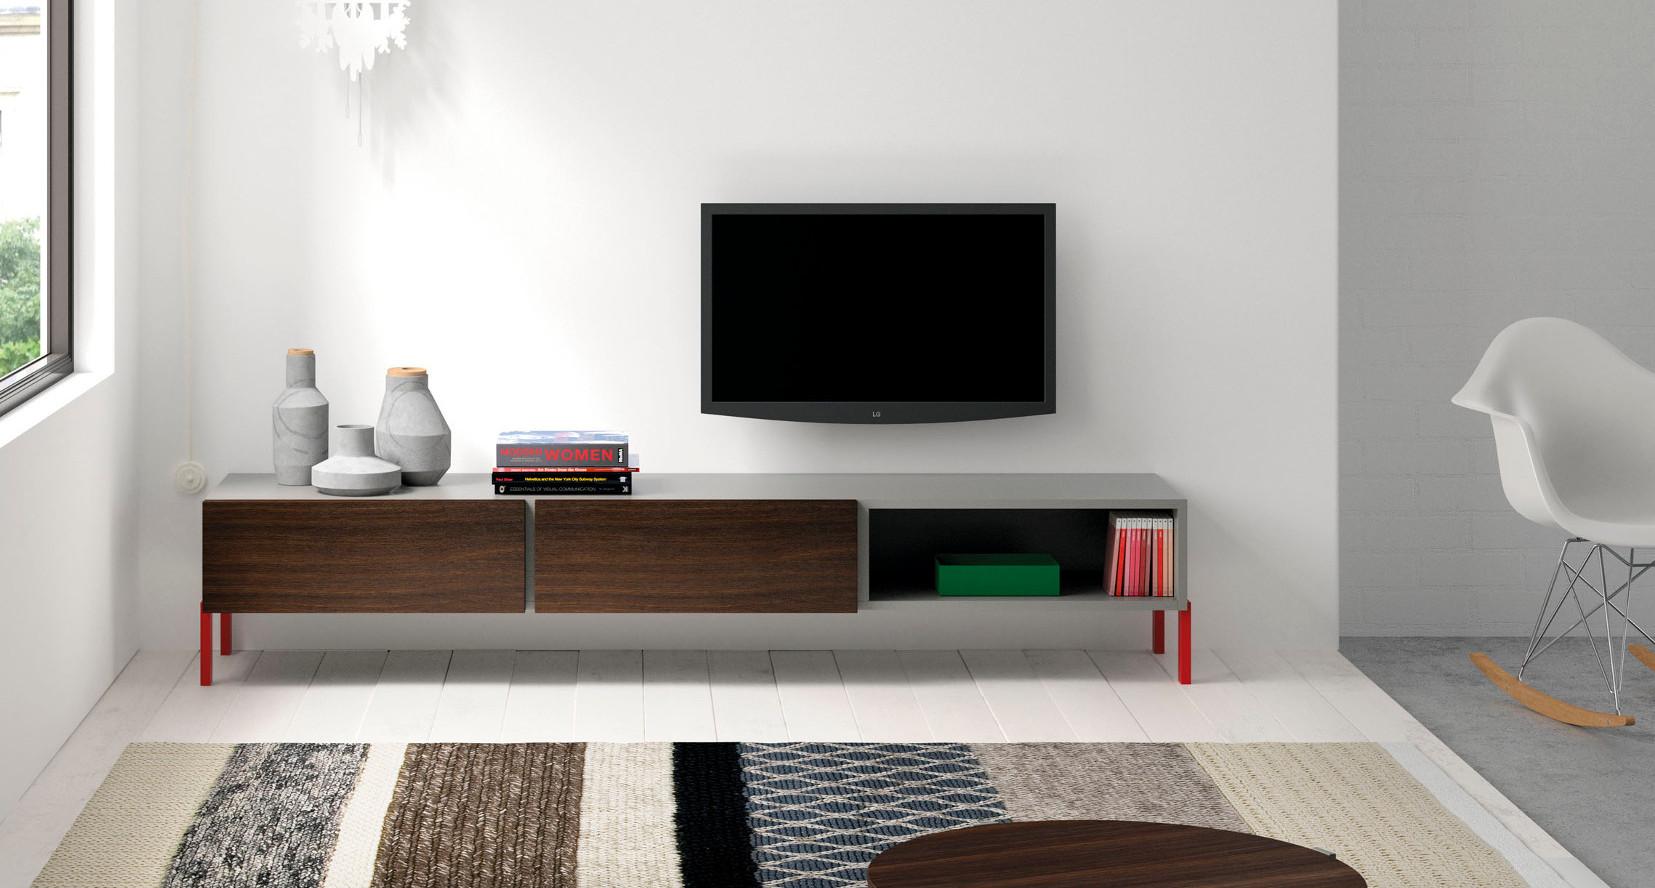 Nueva colecci n lunch vive muebles de estilo n rdico - Mueble nordico madrid ...